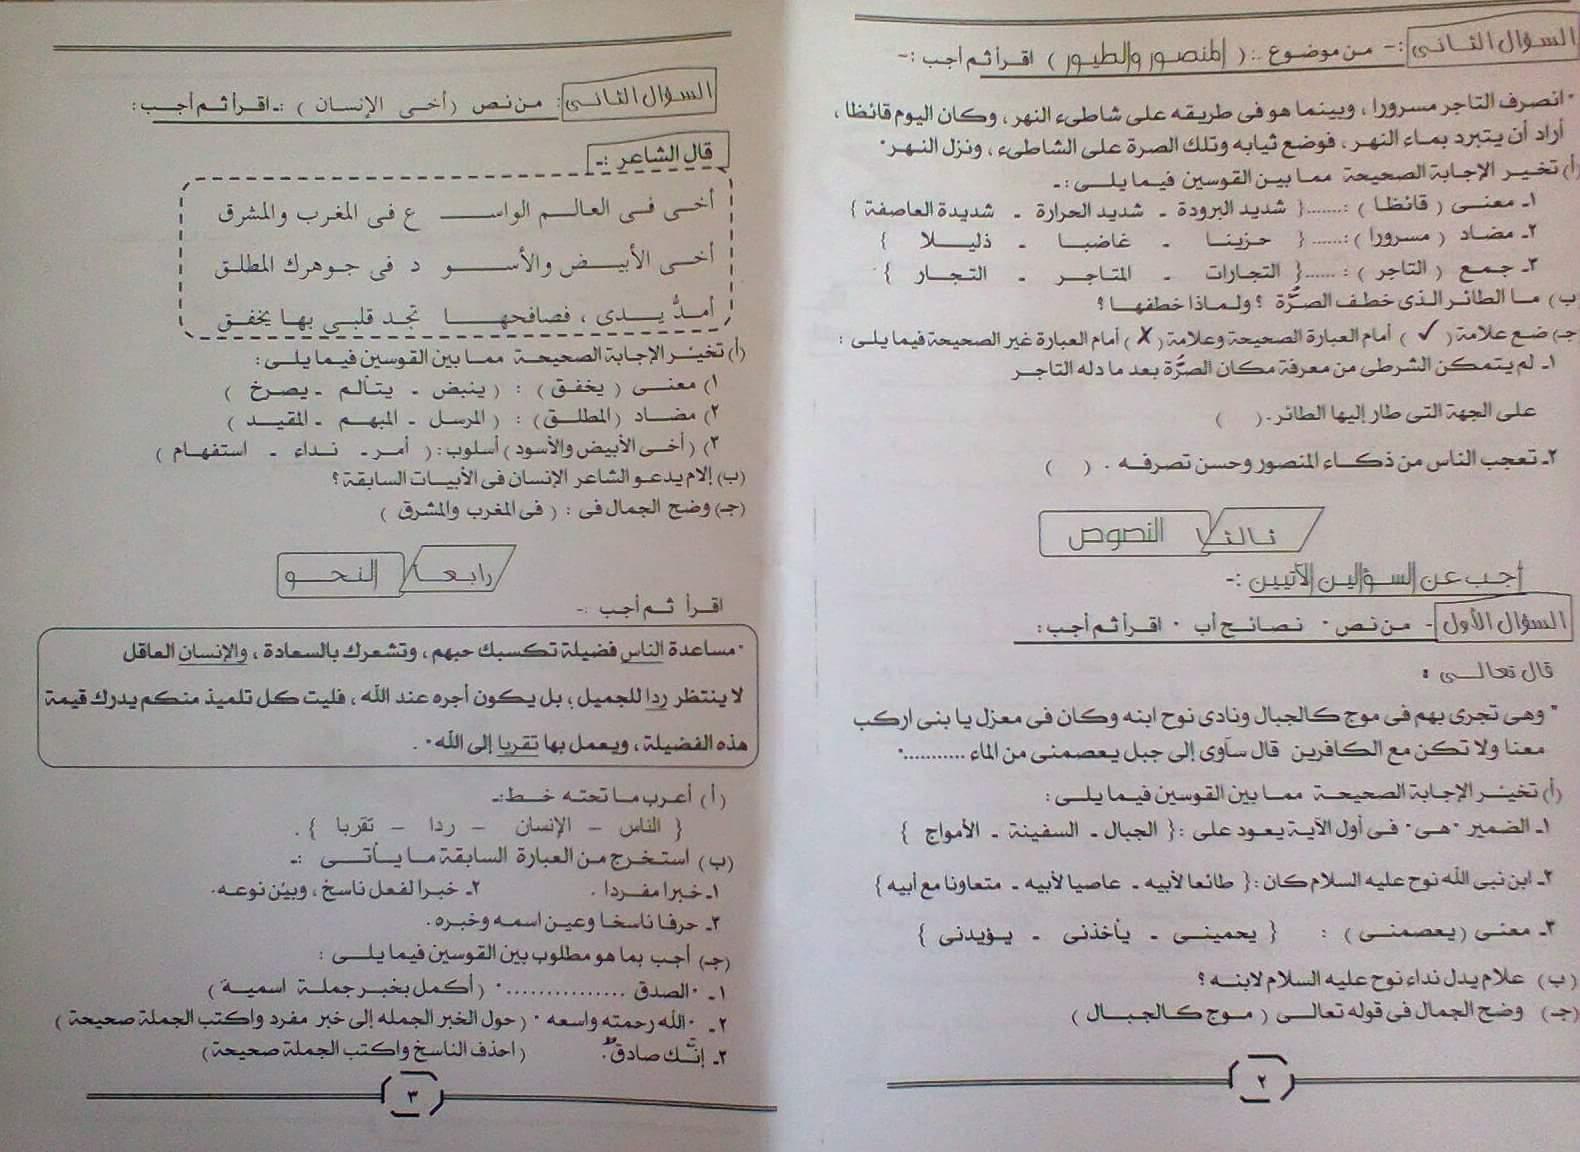 امتحان نصف العام الرسمى فى اللغة العربية الصف السادس الابتدائي محافظة المنيا  الترم الاول 2017